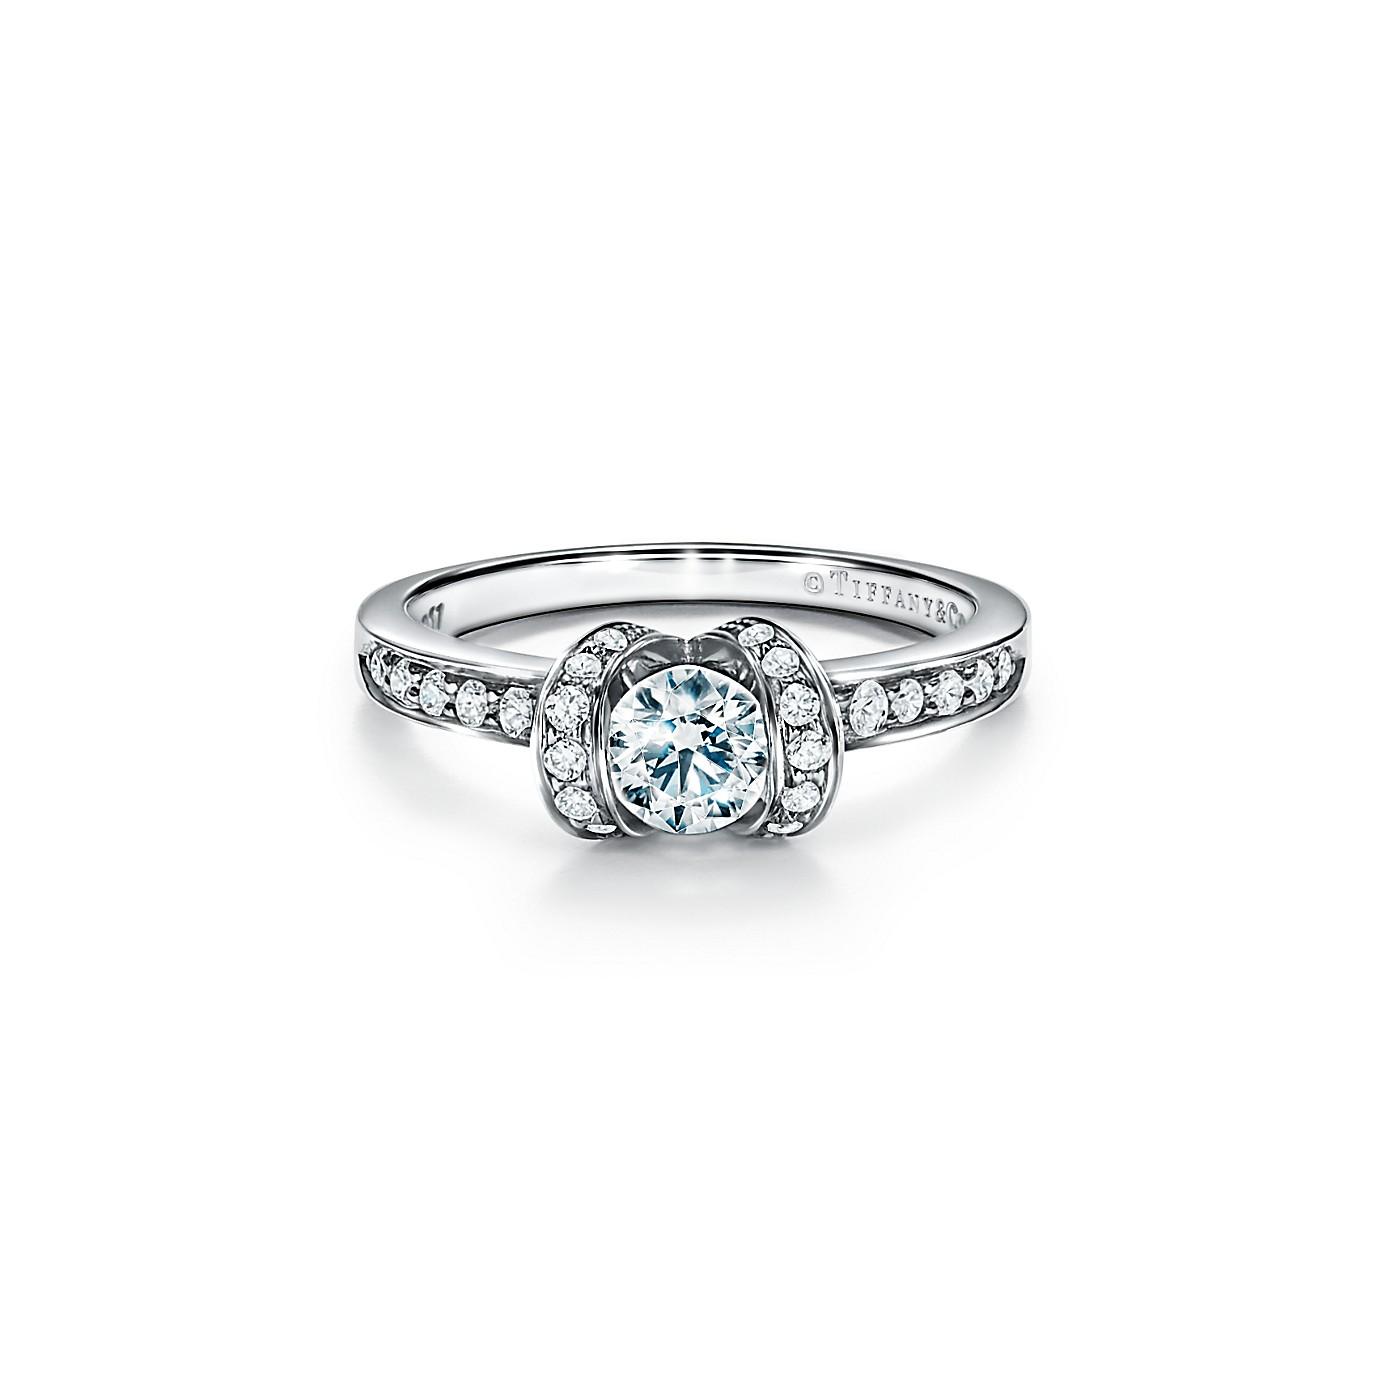 ティファニー リボン エンゲージメント リング(1)―Tiffany & Co.(ティファニー)